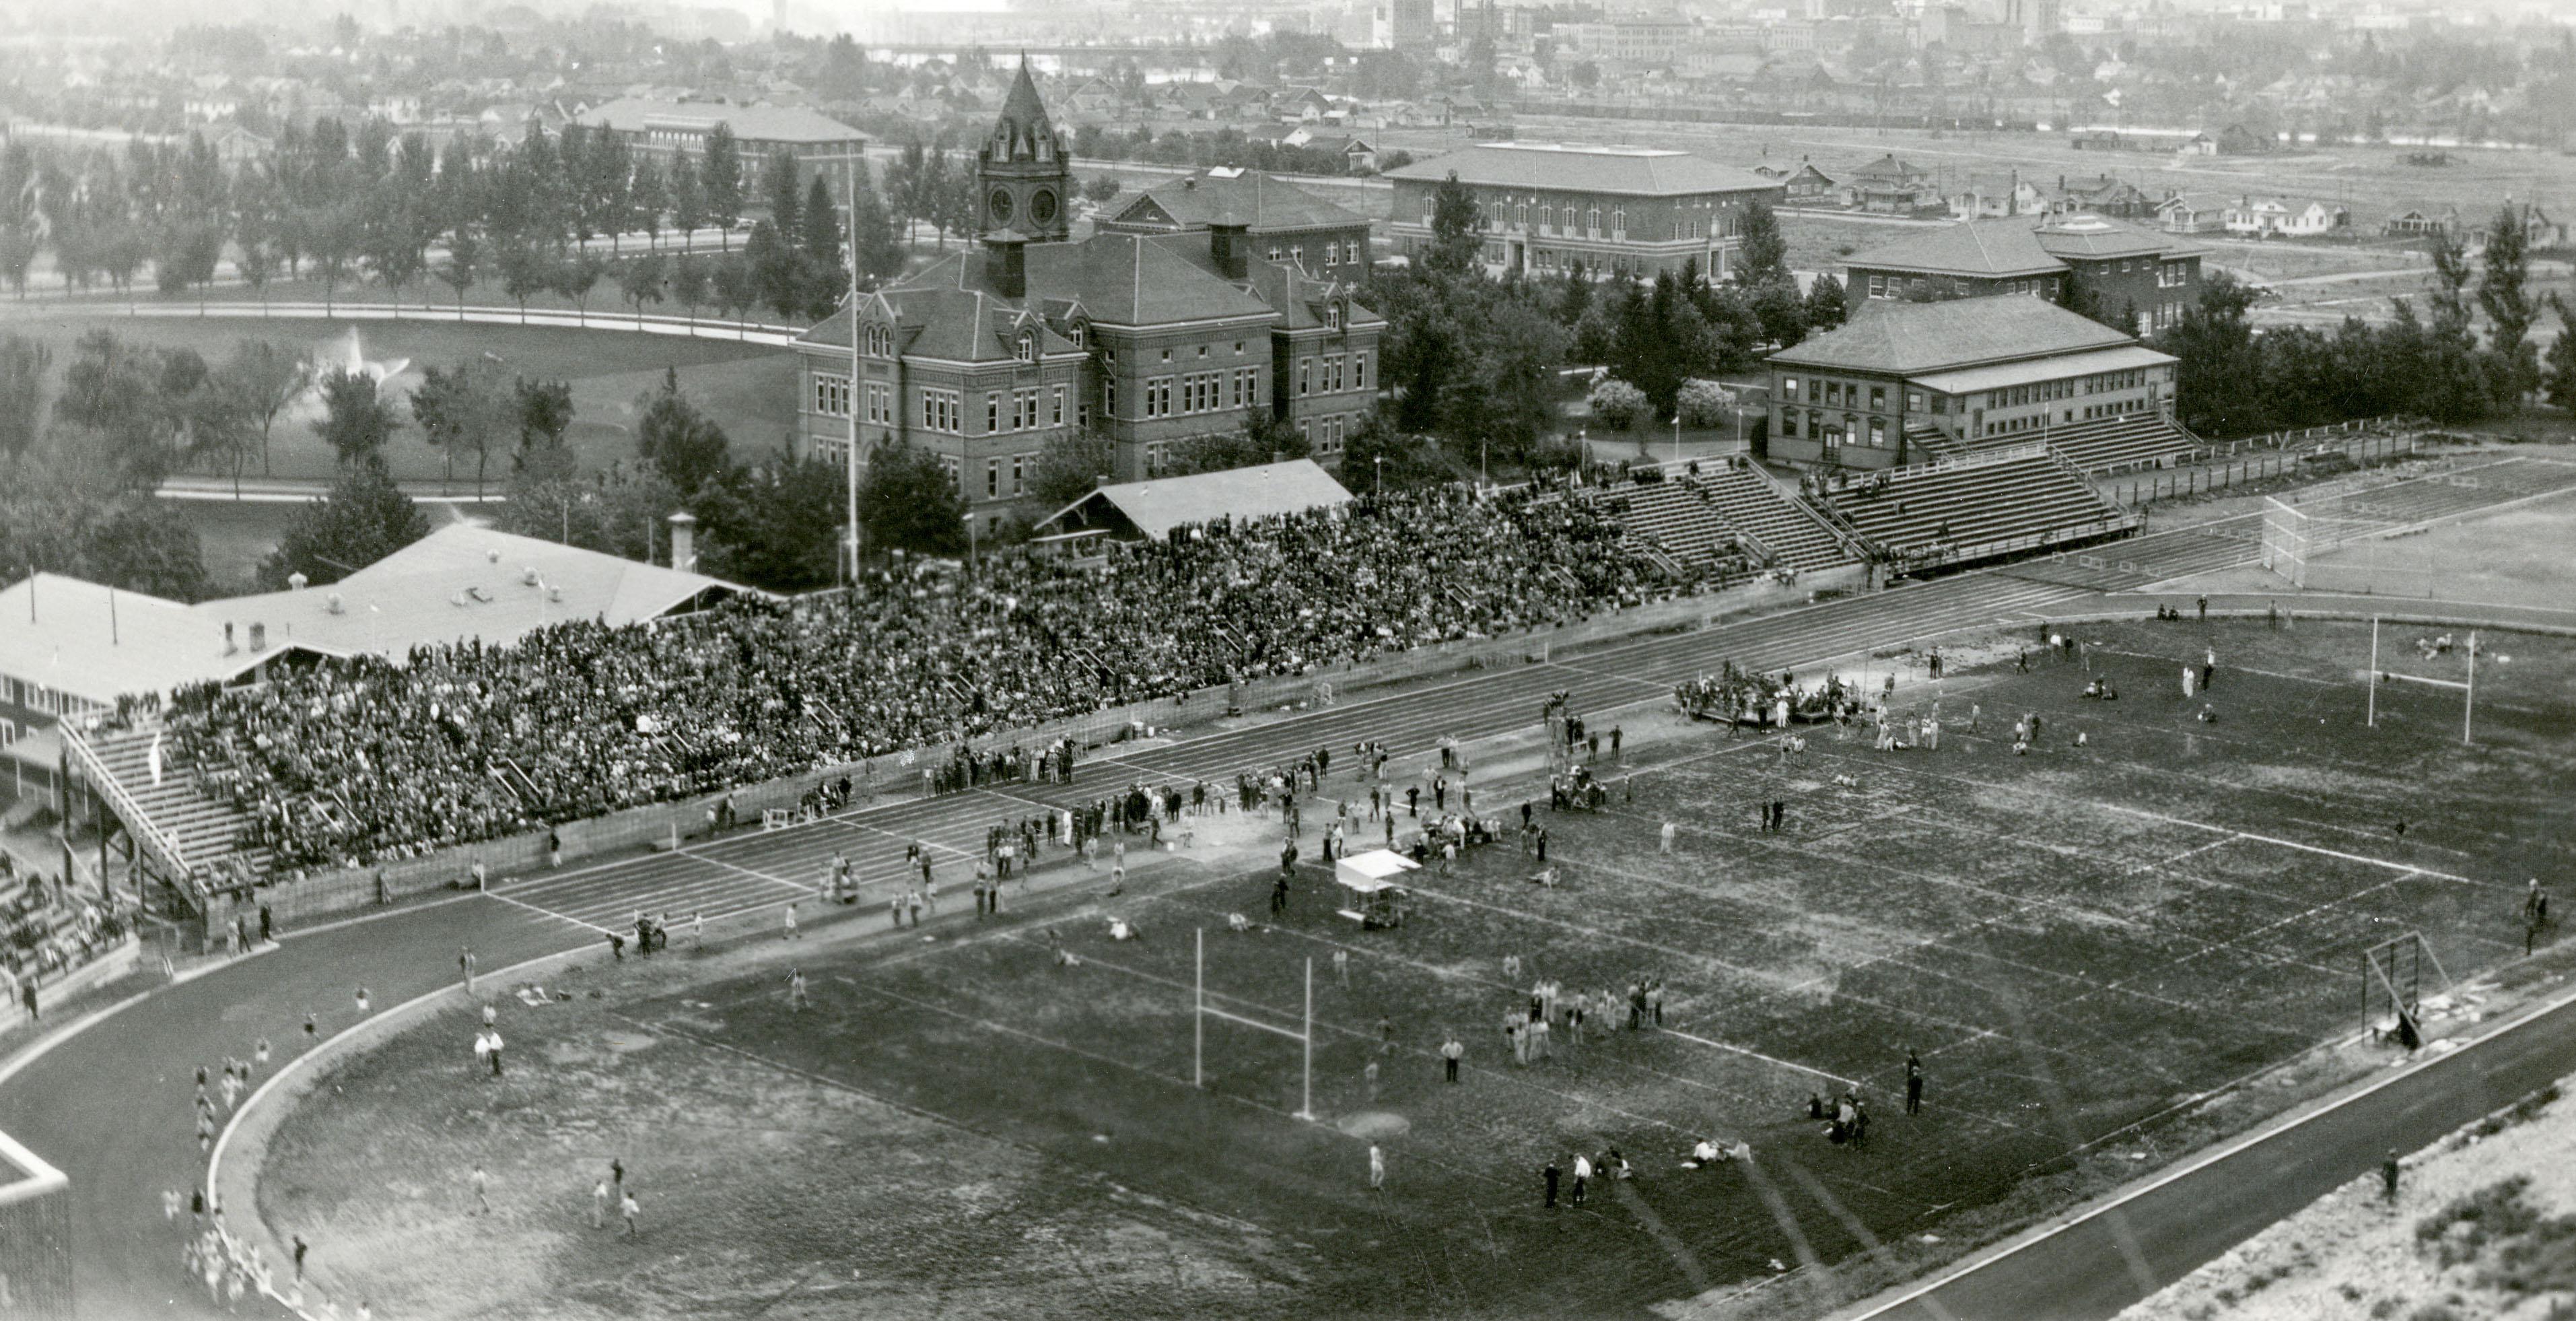 Dornblaser Field